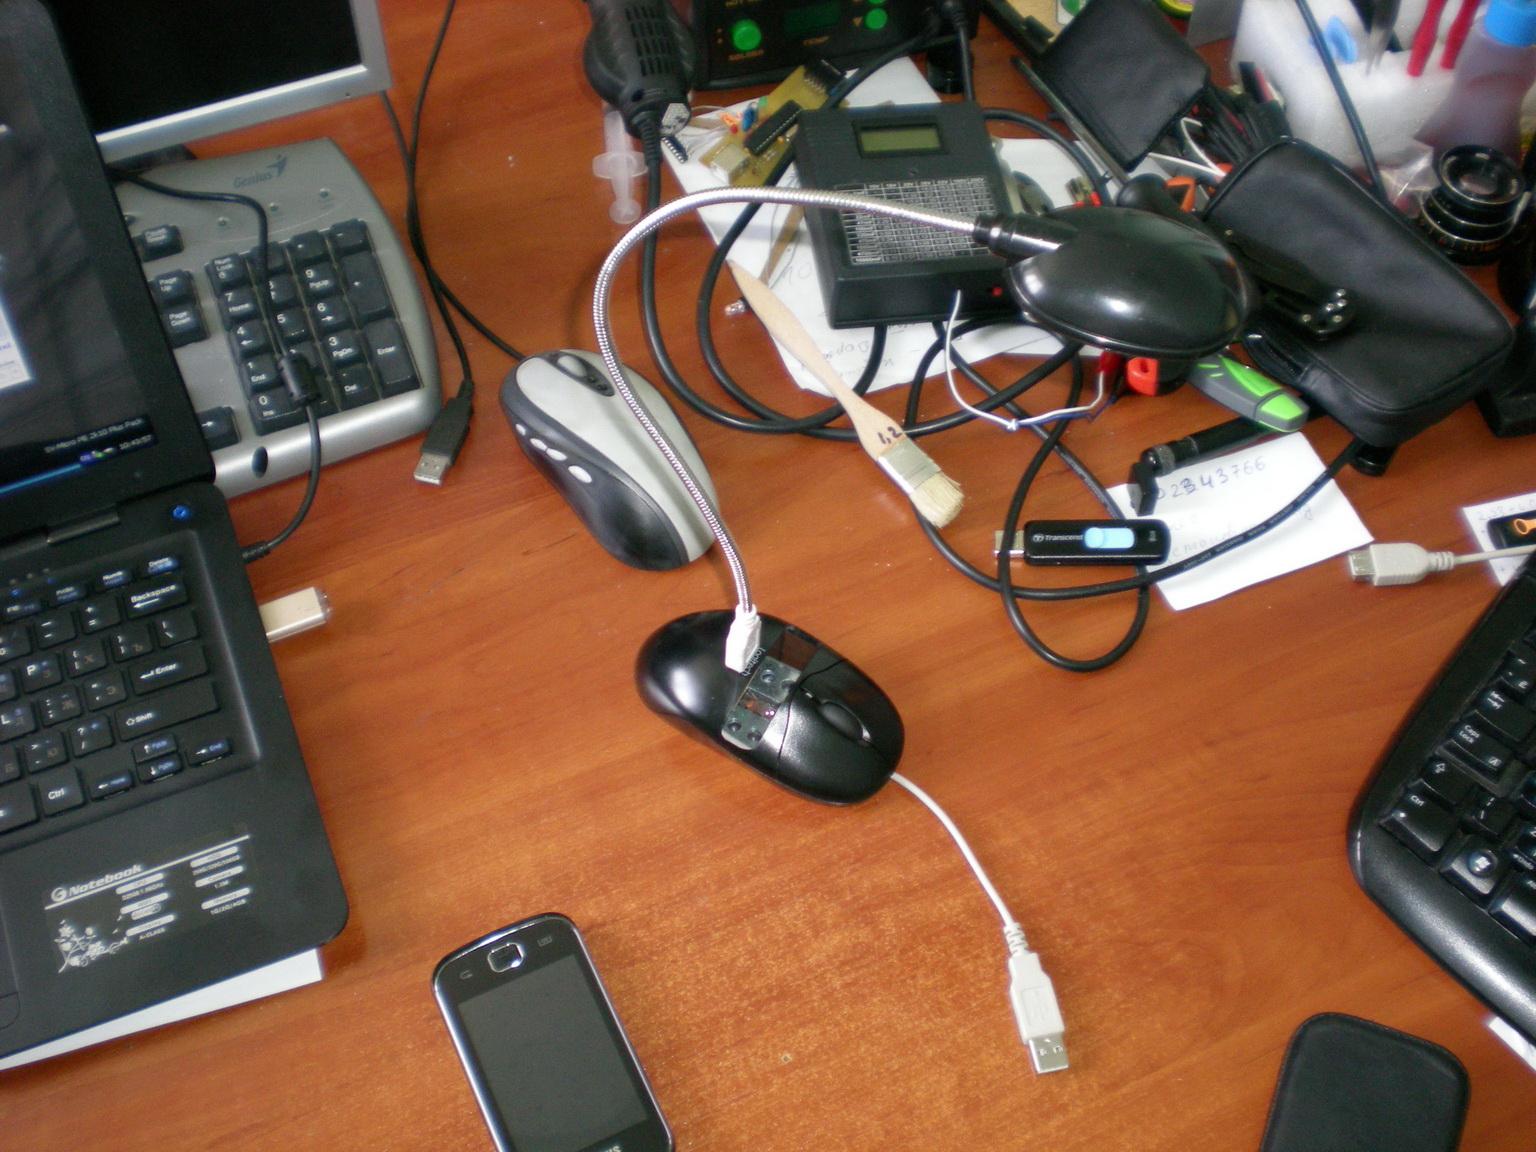 Как из мышки сделать usb мышку